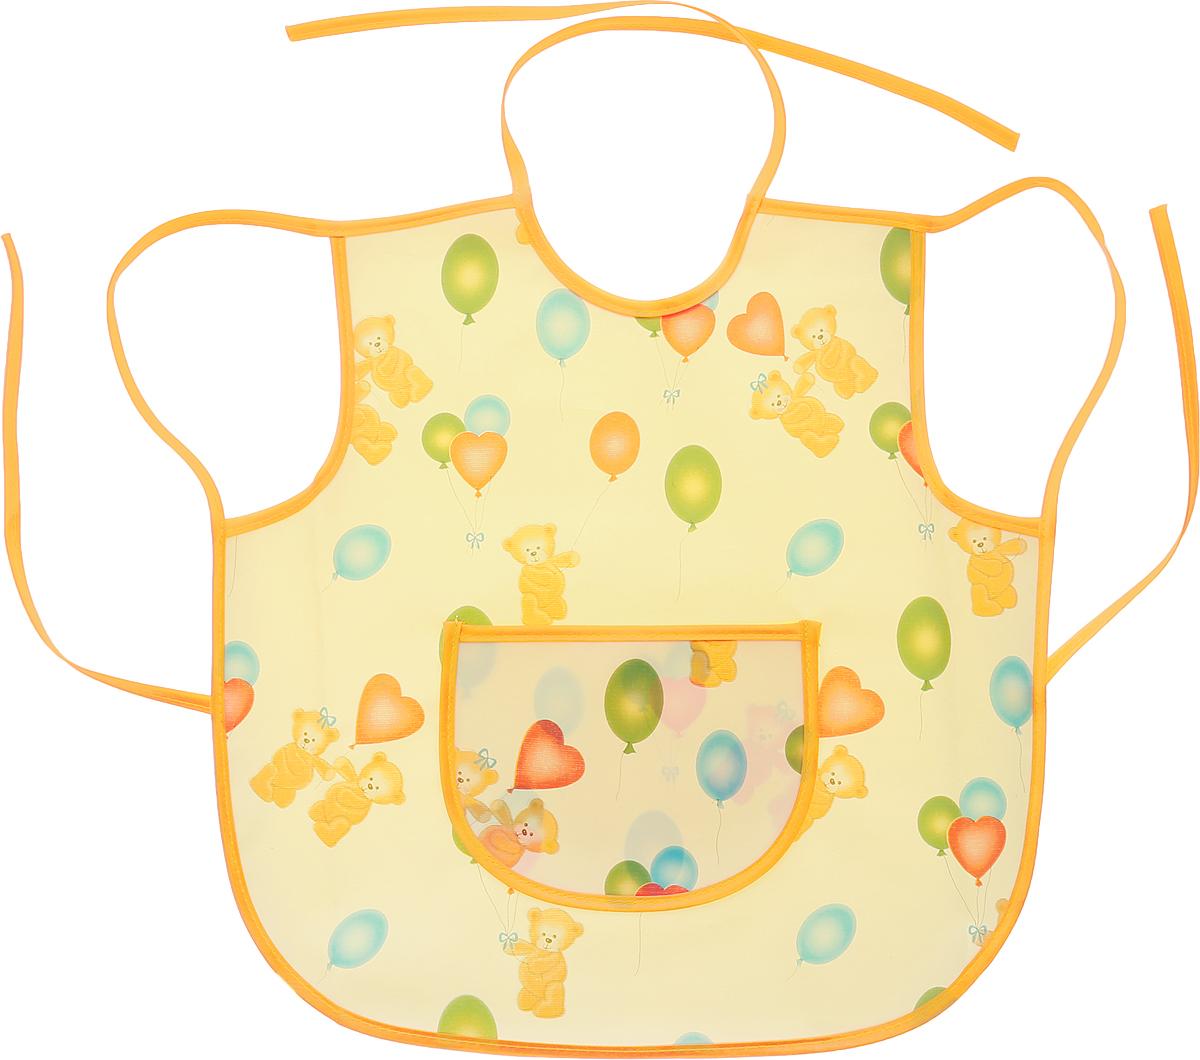 Колорит Фартук защитный Мишки с шариками цвет желтый оранжевый 36 см х 36 см0071_желтый фон с рисункомФартук Колорит Мишки с шариками с непромокаемым слоем защитит одежду малыша во время кормления и освободит родителей от дополнительных хлопот. Фартук на завязках - выбор практичных мамочек, пользоваться им можно длительное время, пока ваш малыш растет. Благодаря завязкам вы сможете легко контролировать длину изделия и регулировать размер горловины. Лицевая сторона оформлена забавным изображением.